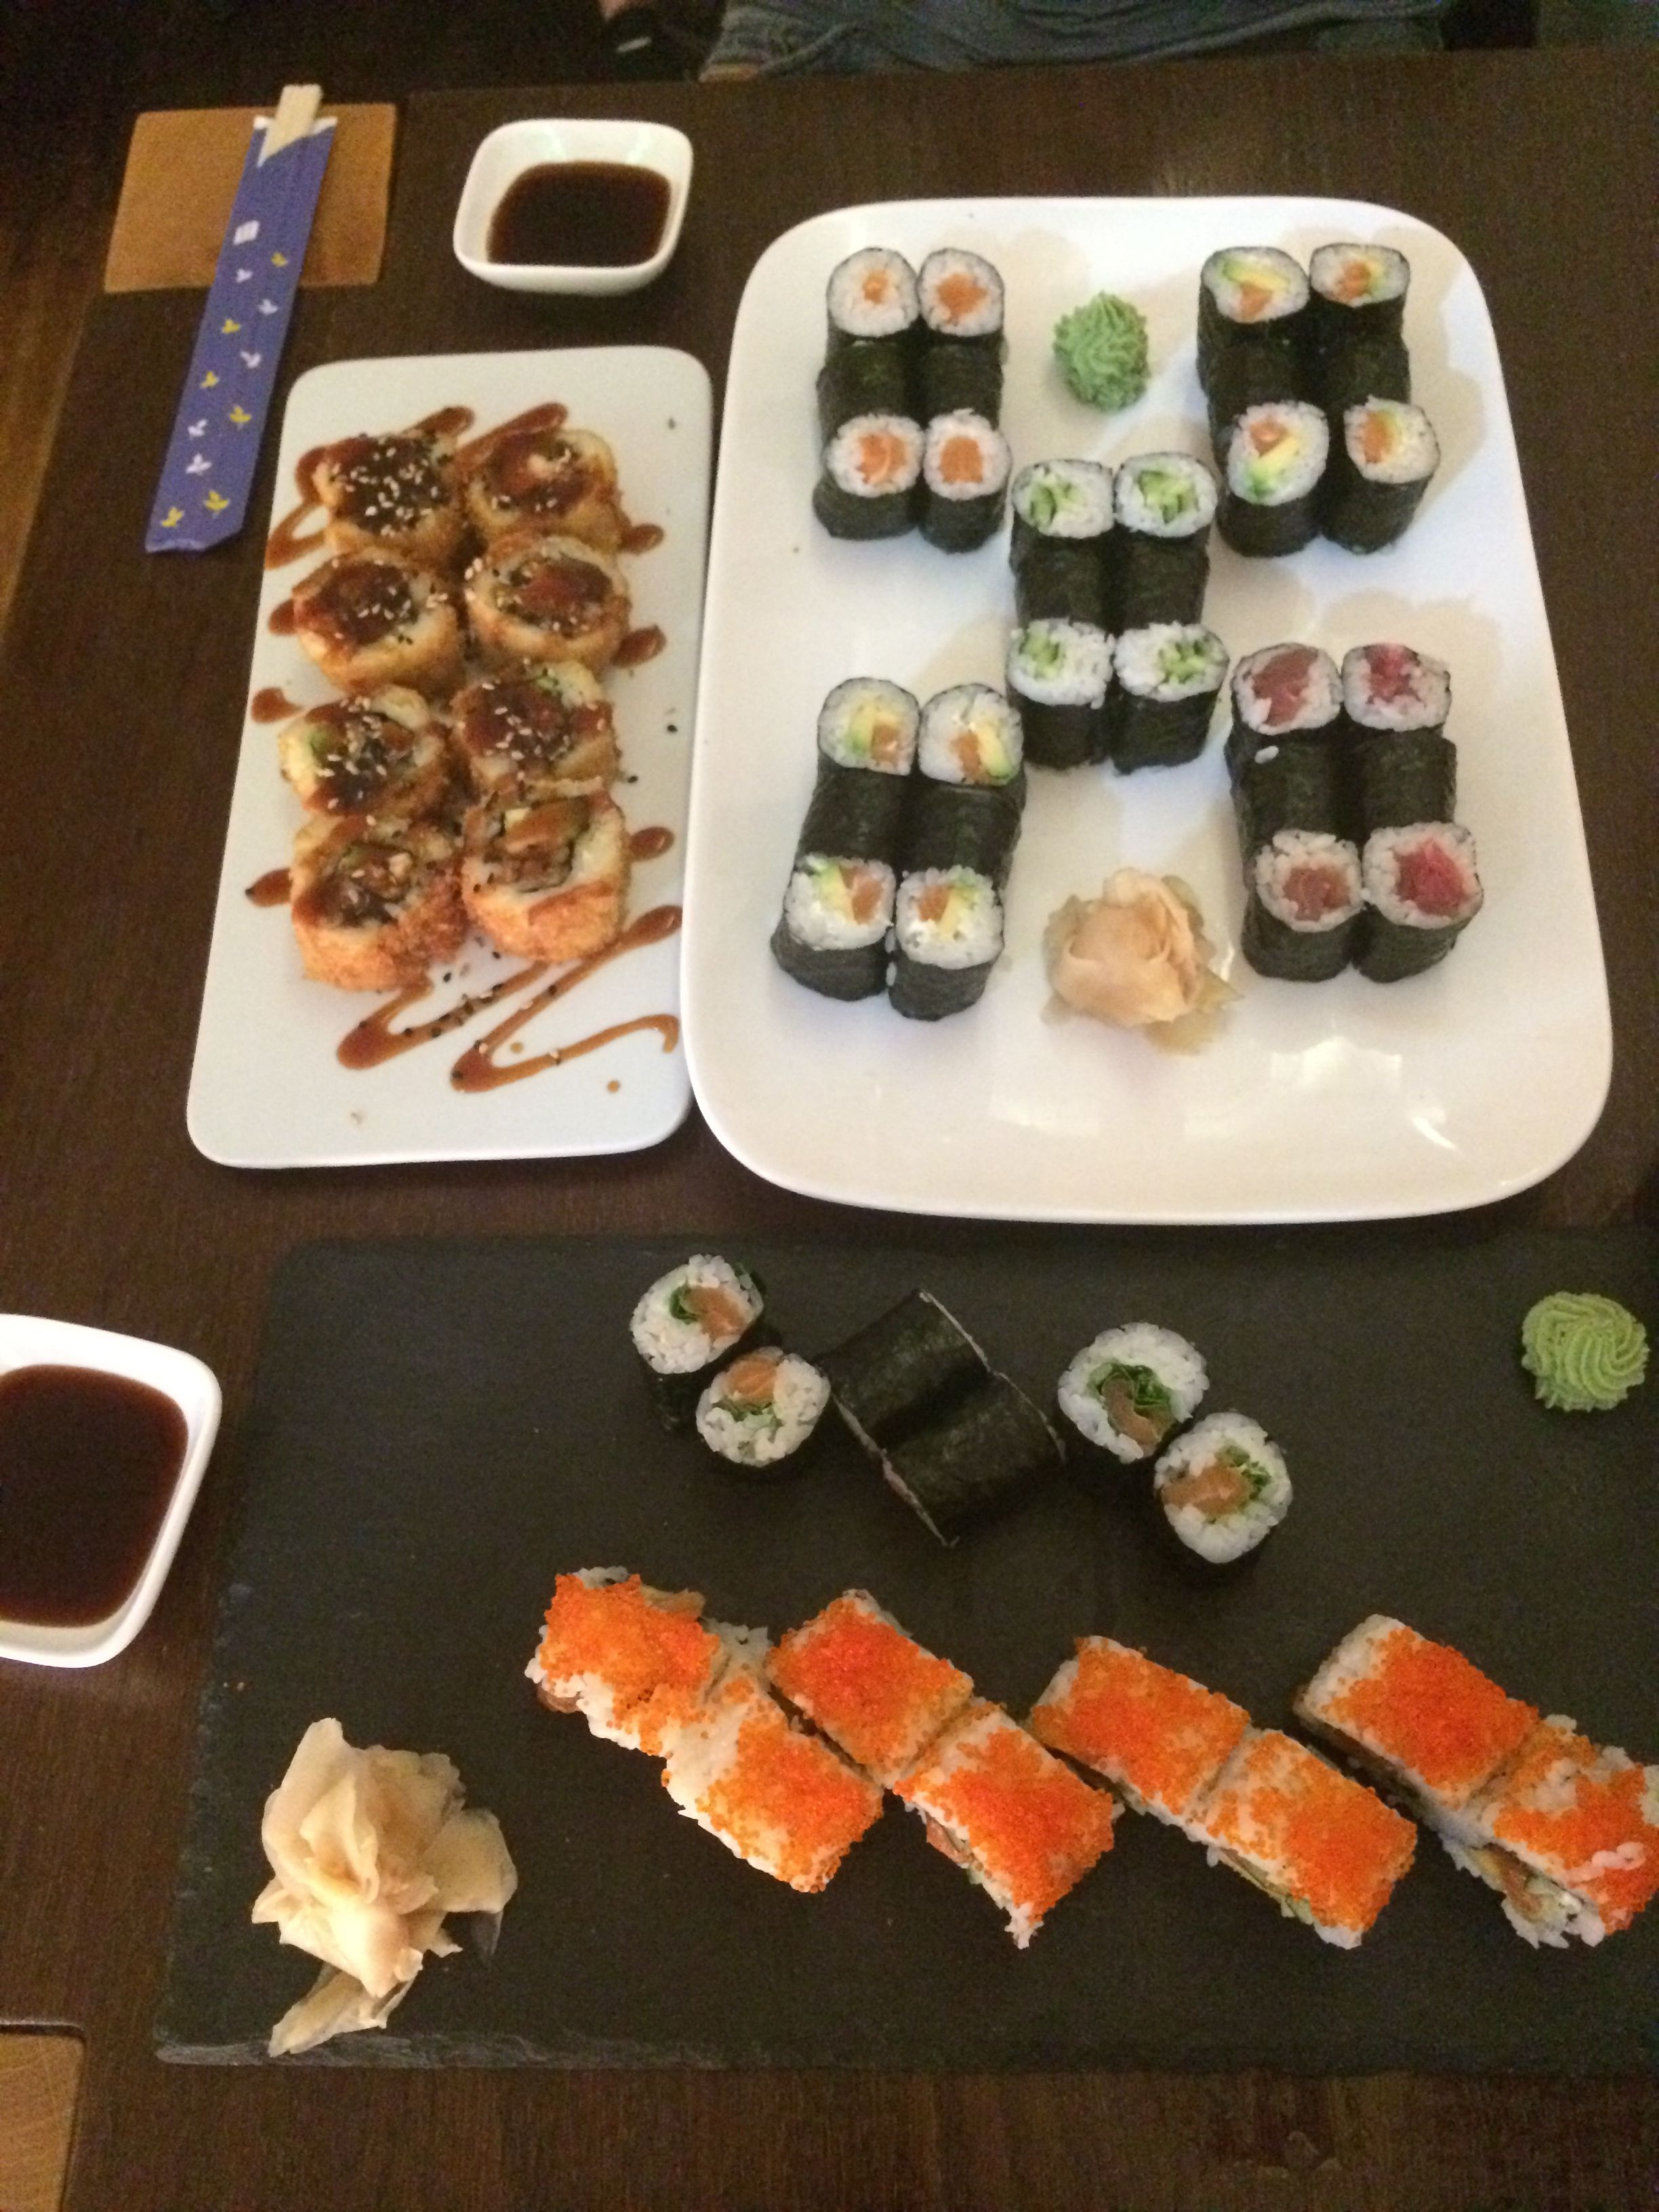 Und hier kommt noch der letzte Part meines Geburtstages - mein Geburtstags-Sushi zu dem mich mein Freund Abends zum Abschluss des Tages eingeladen hat :)